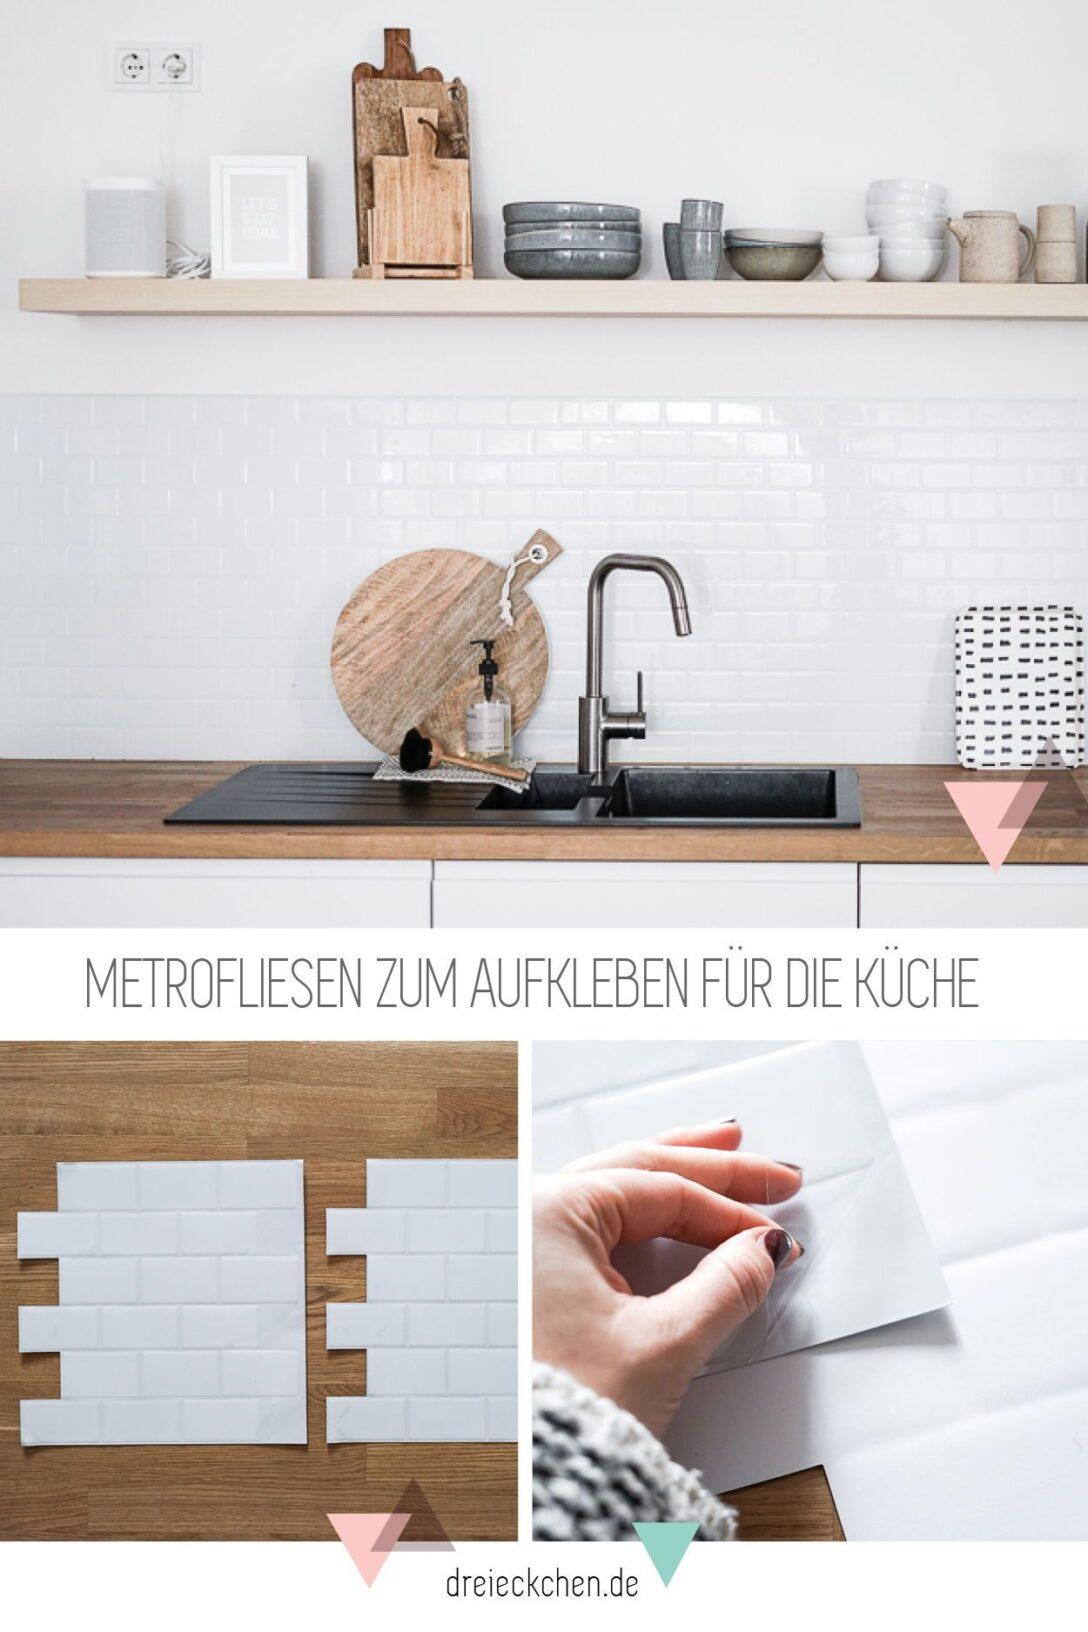 Large Size of Küchenrückwand Vinyl Fliesen Kchenrckwand Industrial Hausbar Mit Bartheke Fürs Bad Vinylboden Im Küche Verlegen Wohnzimmer Badezimmer Wohnzimmer Küchenrückwand Vinyl